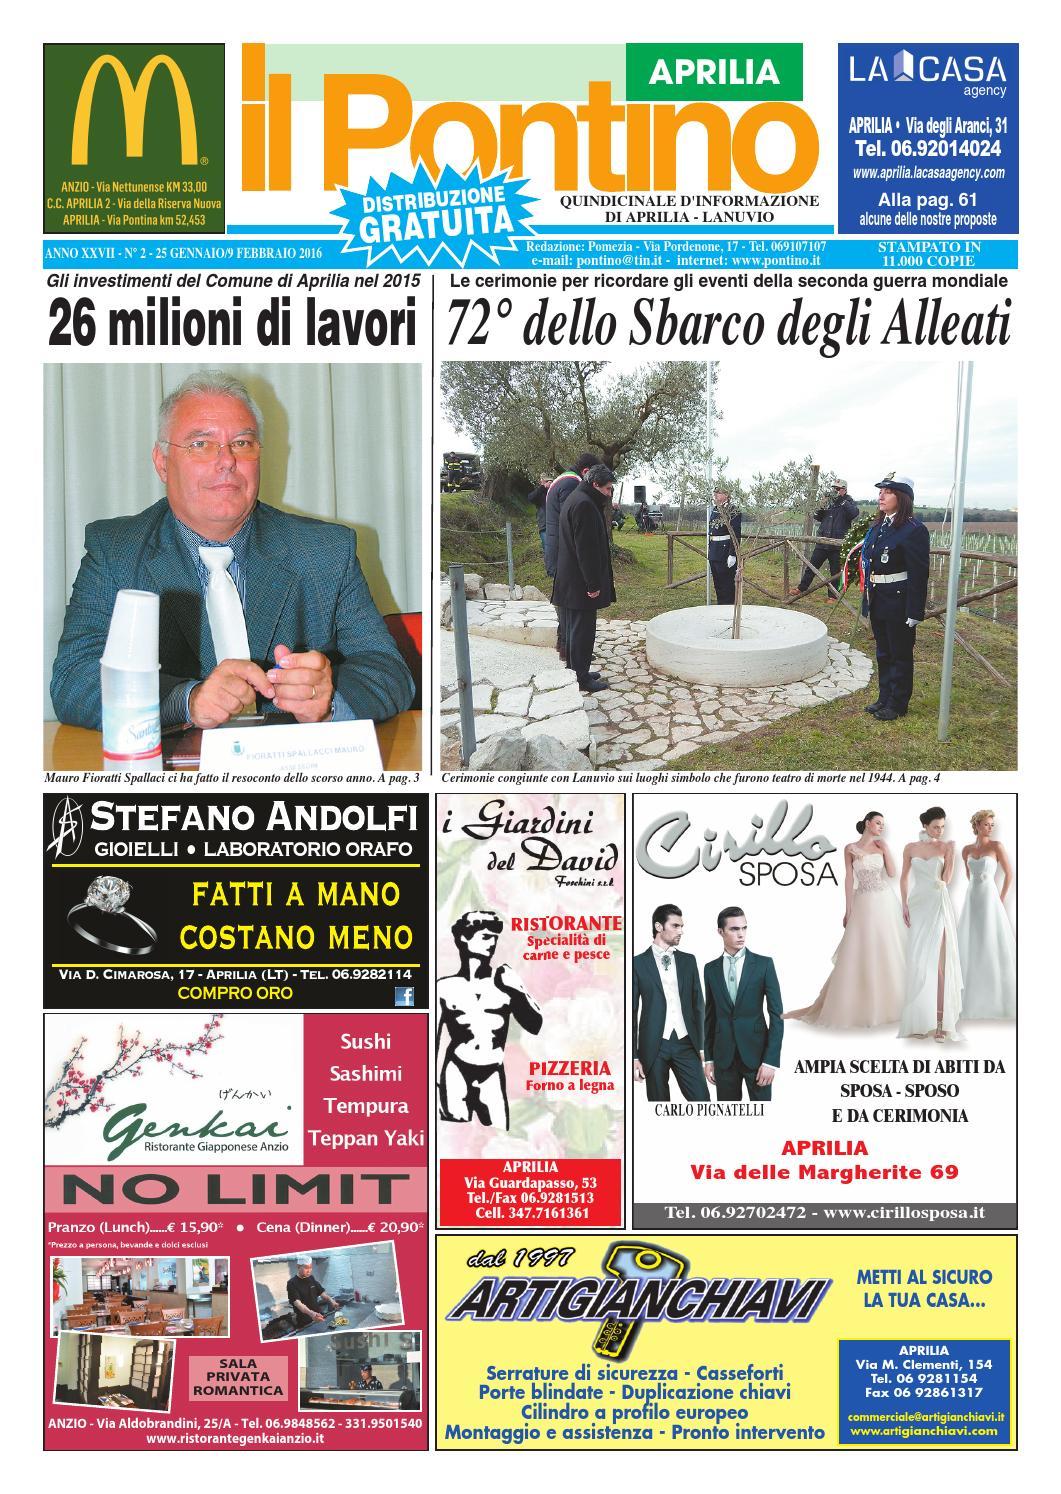 Il Pontino Aprilia - Anno XXVII - N. 2 - 25 Gennaio 9 Febbraio 2016 by Il  Pontino Il Litorale - issuu af4689b62acf